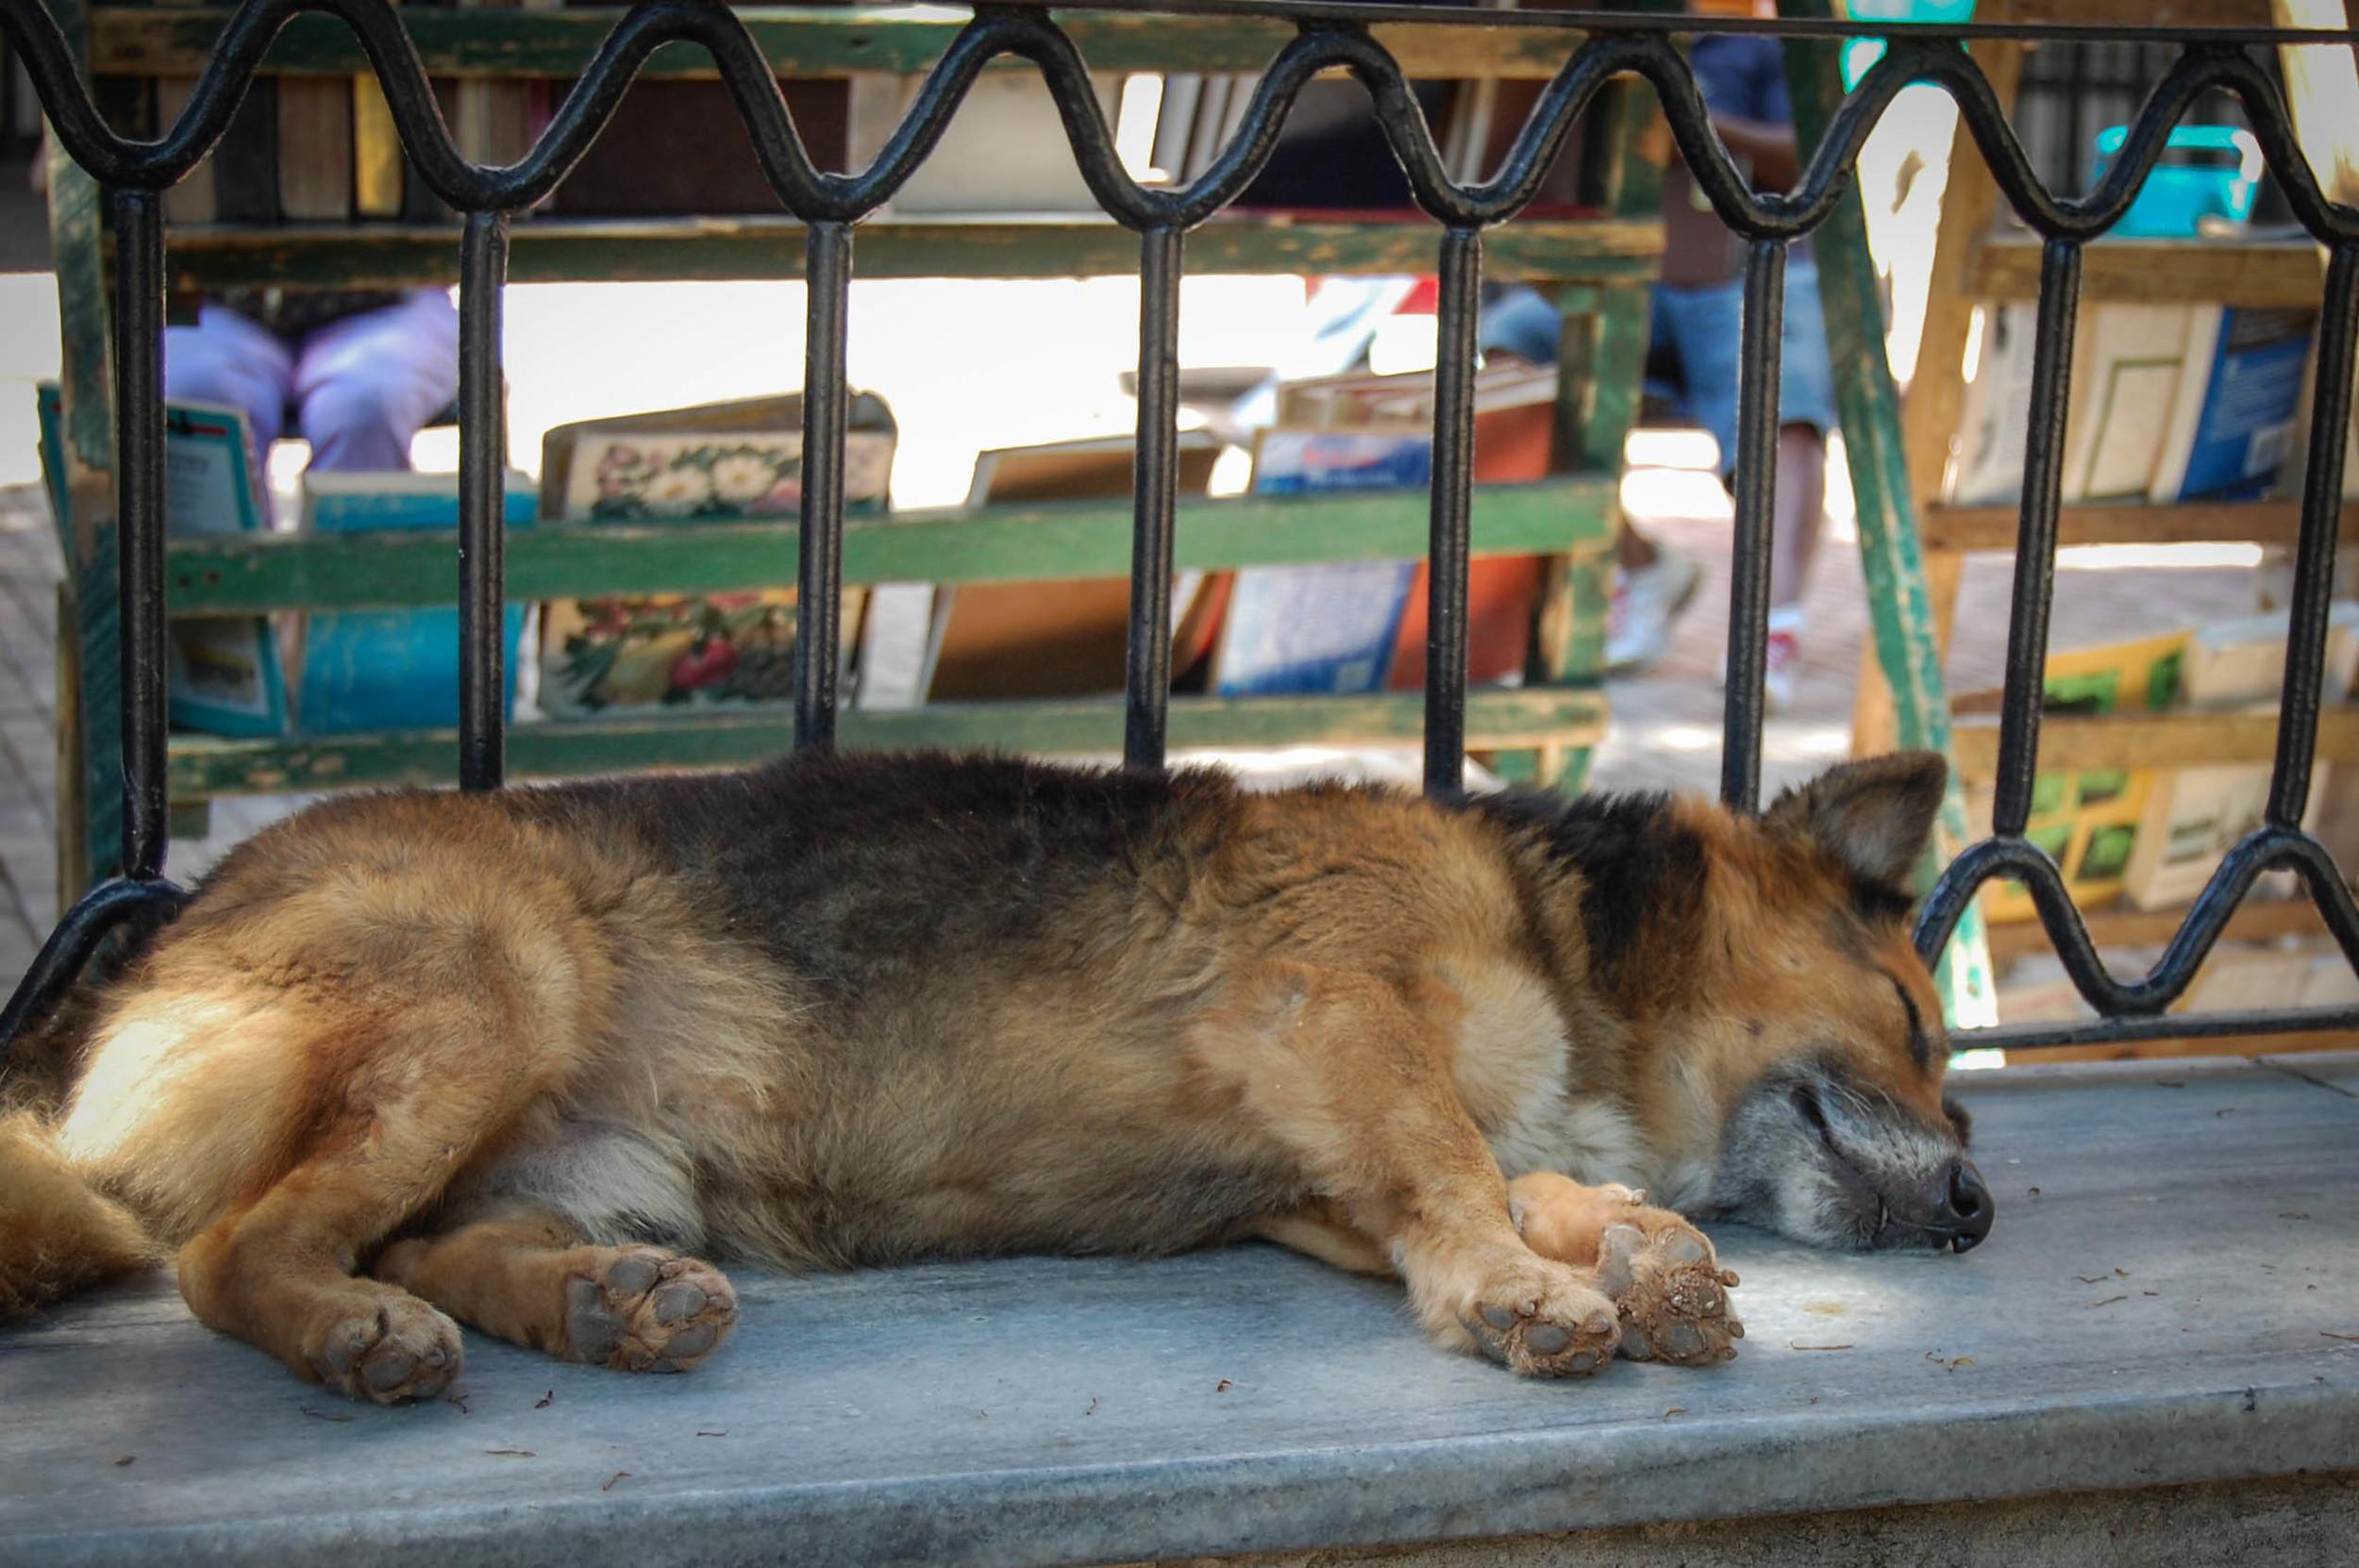 Sleeping dog Old Havana, Cuba Nikon D40, 18-55mm F3.5 3.13